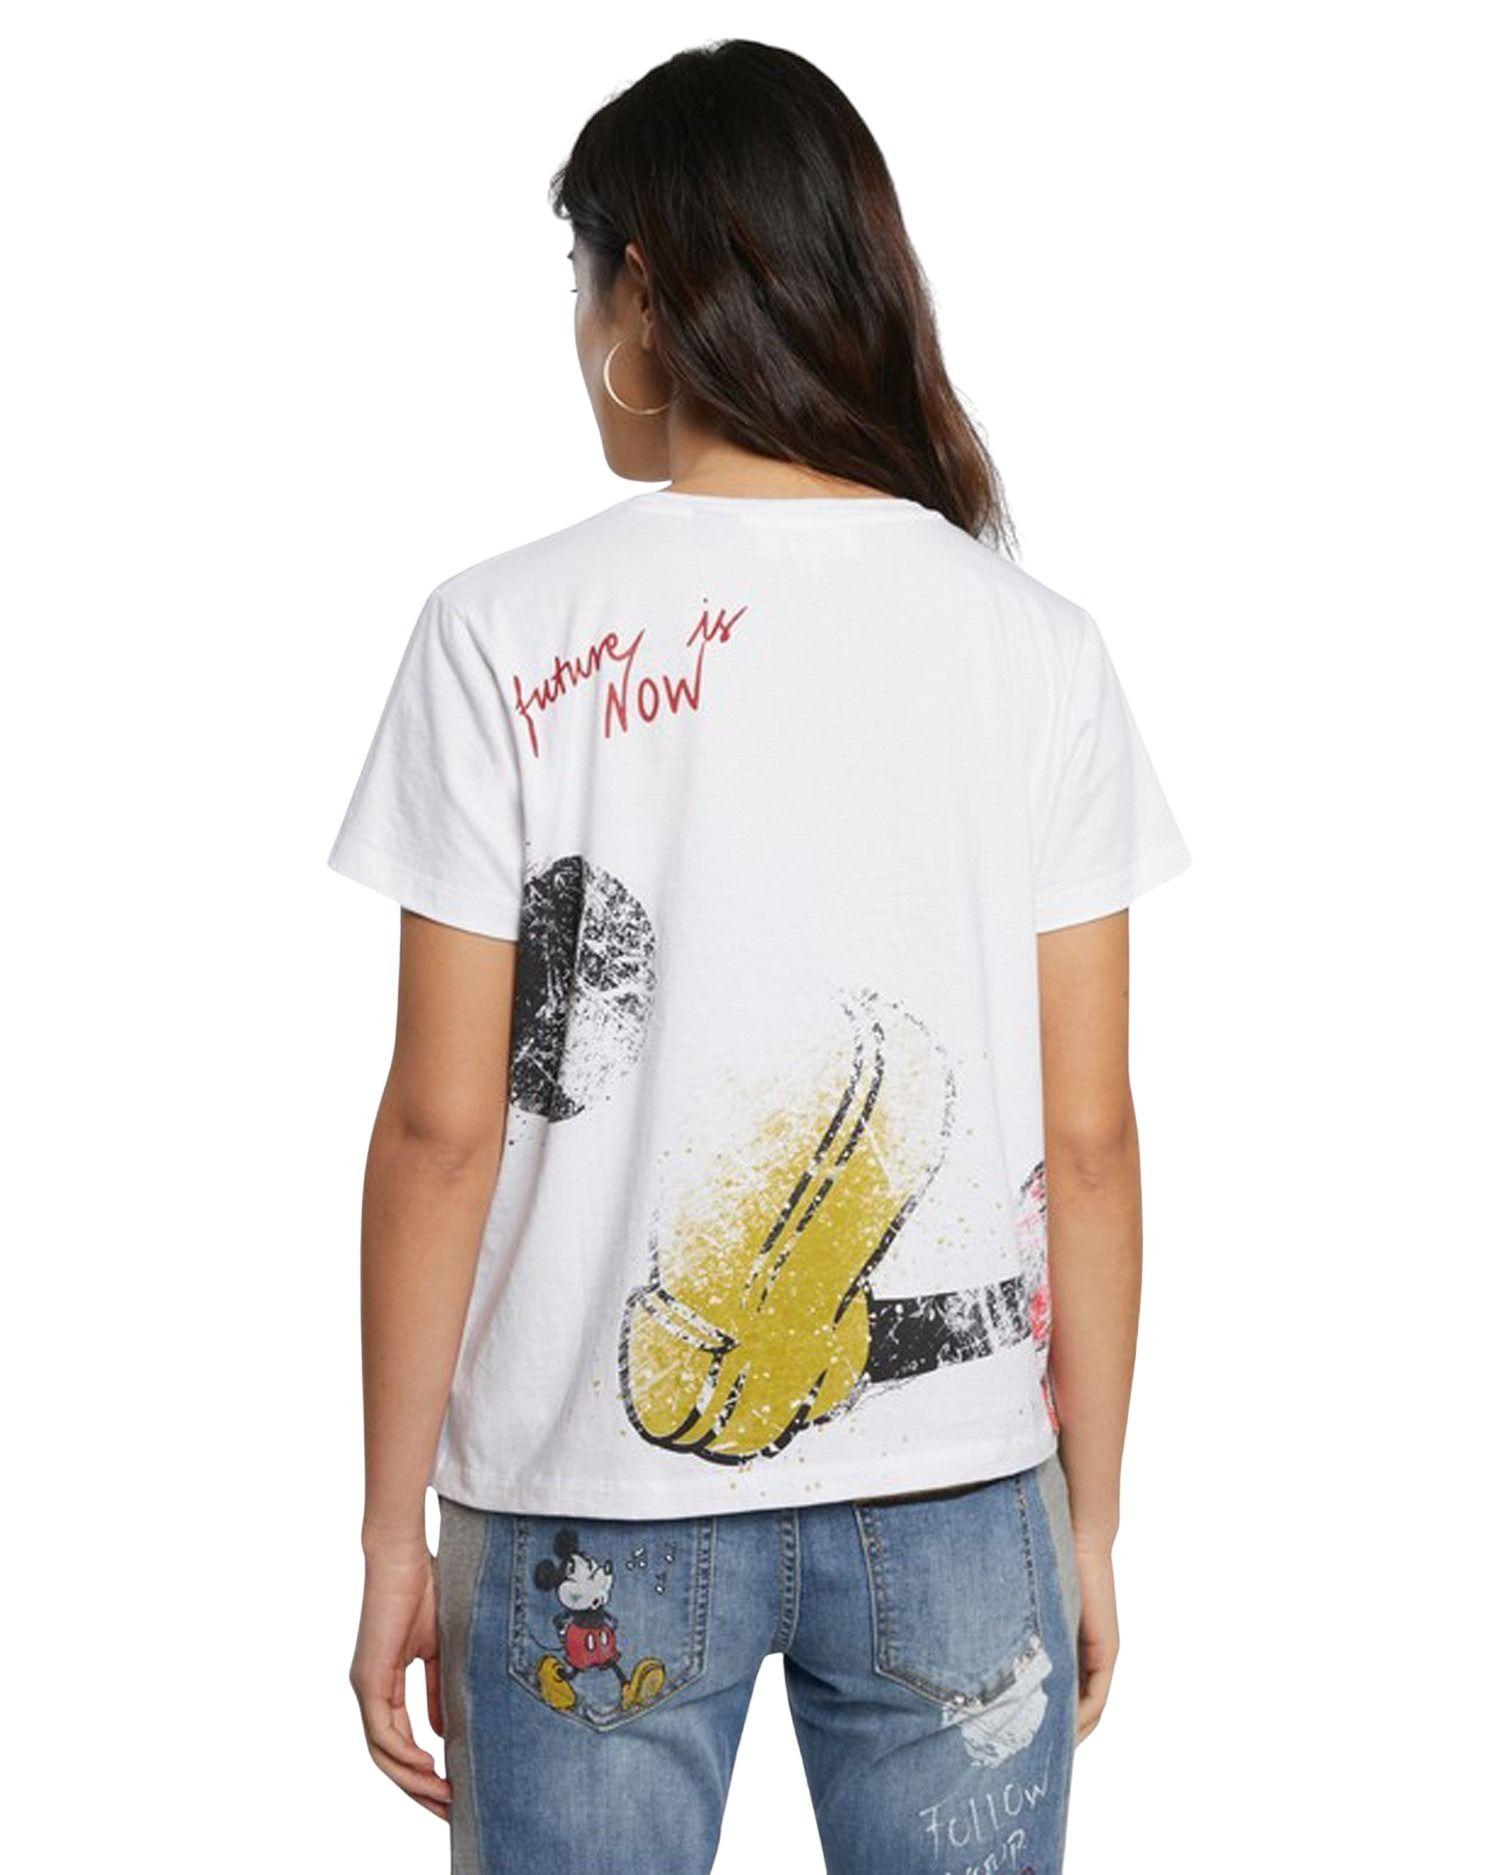 DESIGUAL Cottons DESIGUAL WOMEN'S WHITE COTTON T-SHIRT